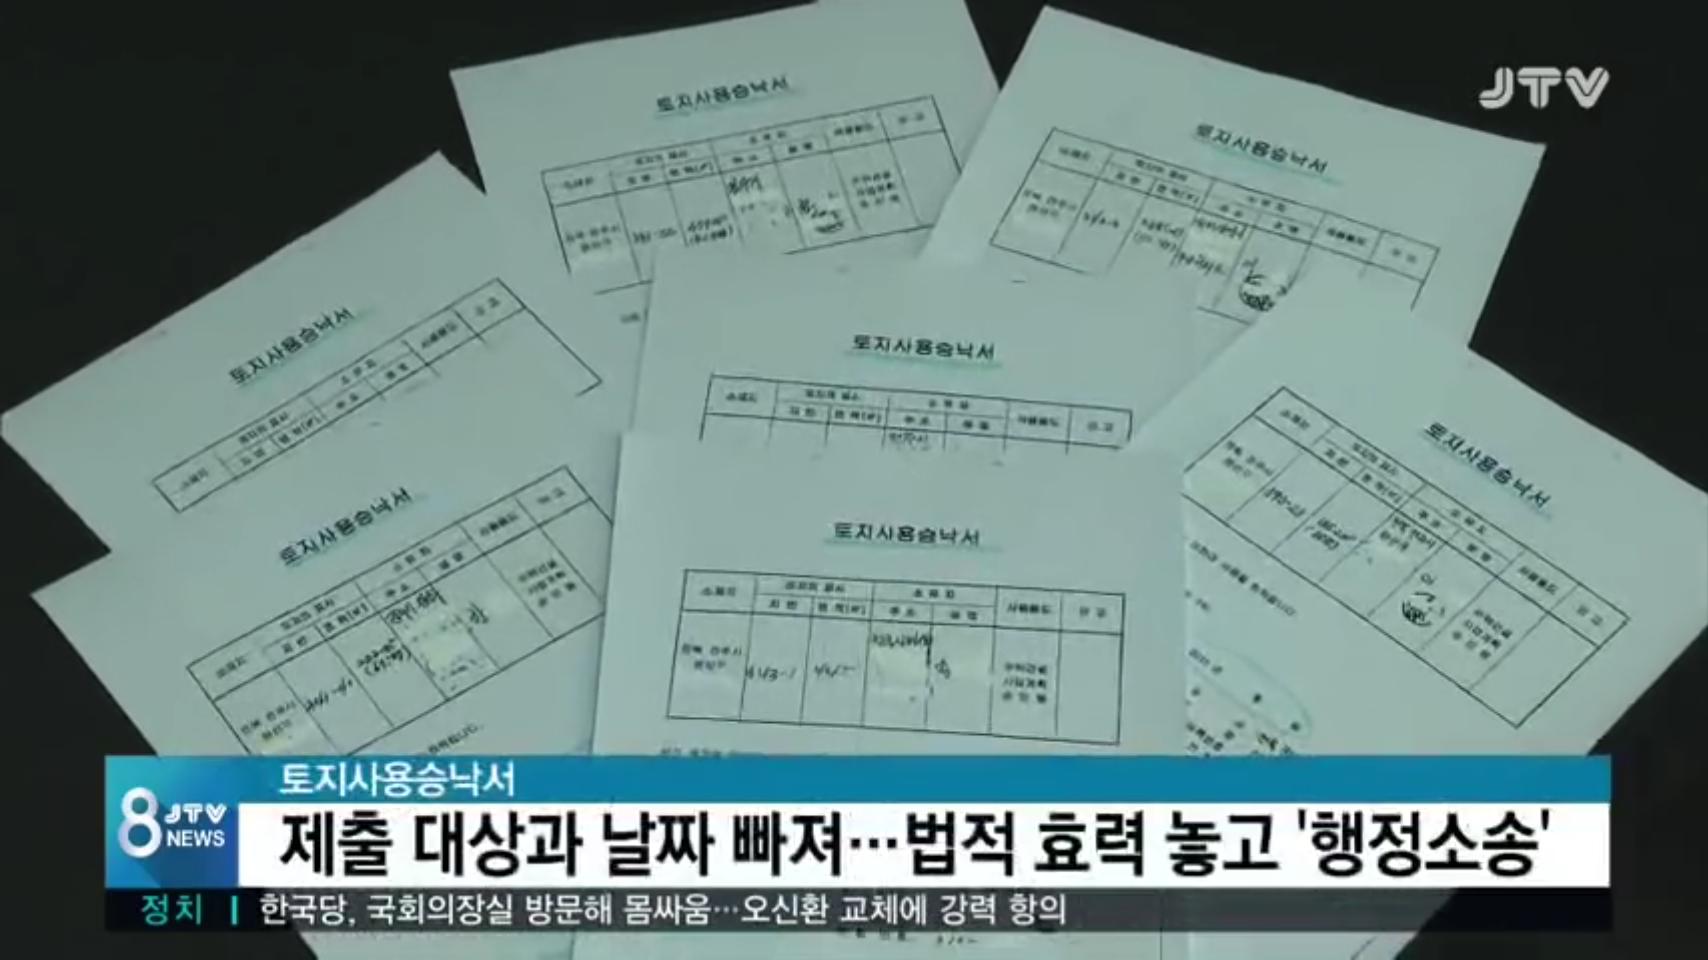 [19.4.26 JTV] 전주시 비공개 불투명 건축행정이 시민권리 피해 키워8.png